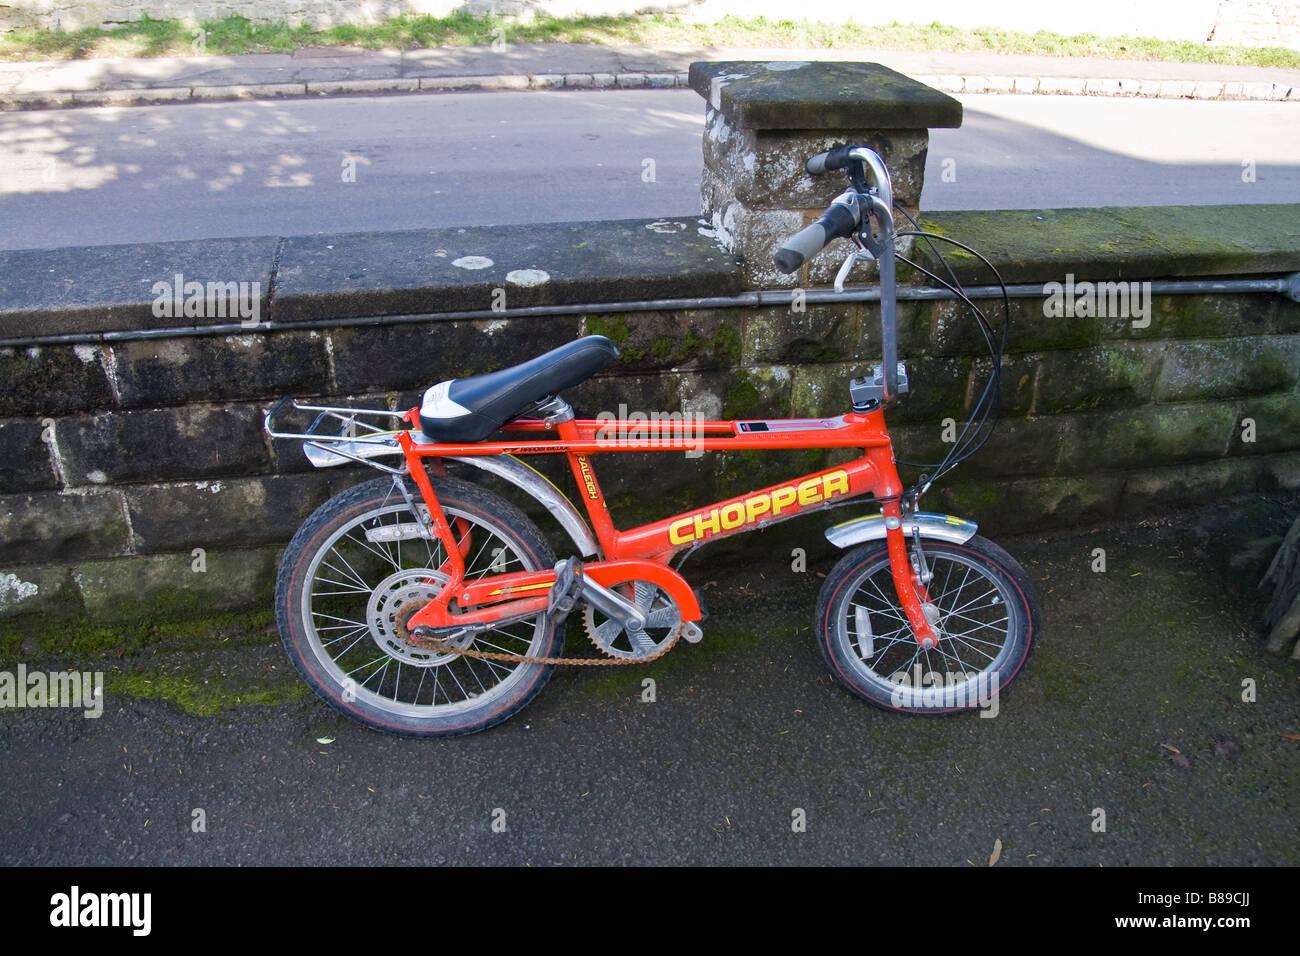 Eine Reproduktion eines klassischen Bikes, gemacht von einem der größten englischen Fahrrad-Hersteller Stockbild